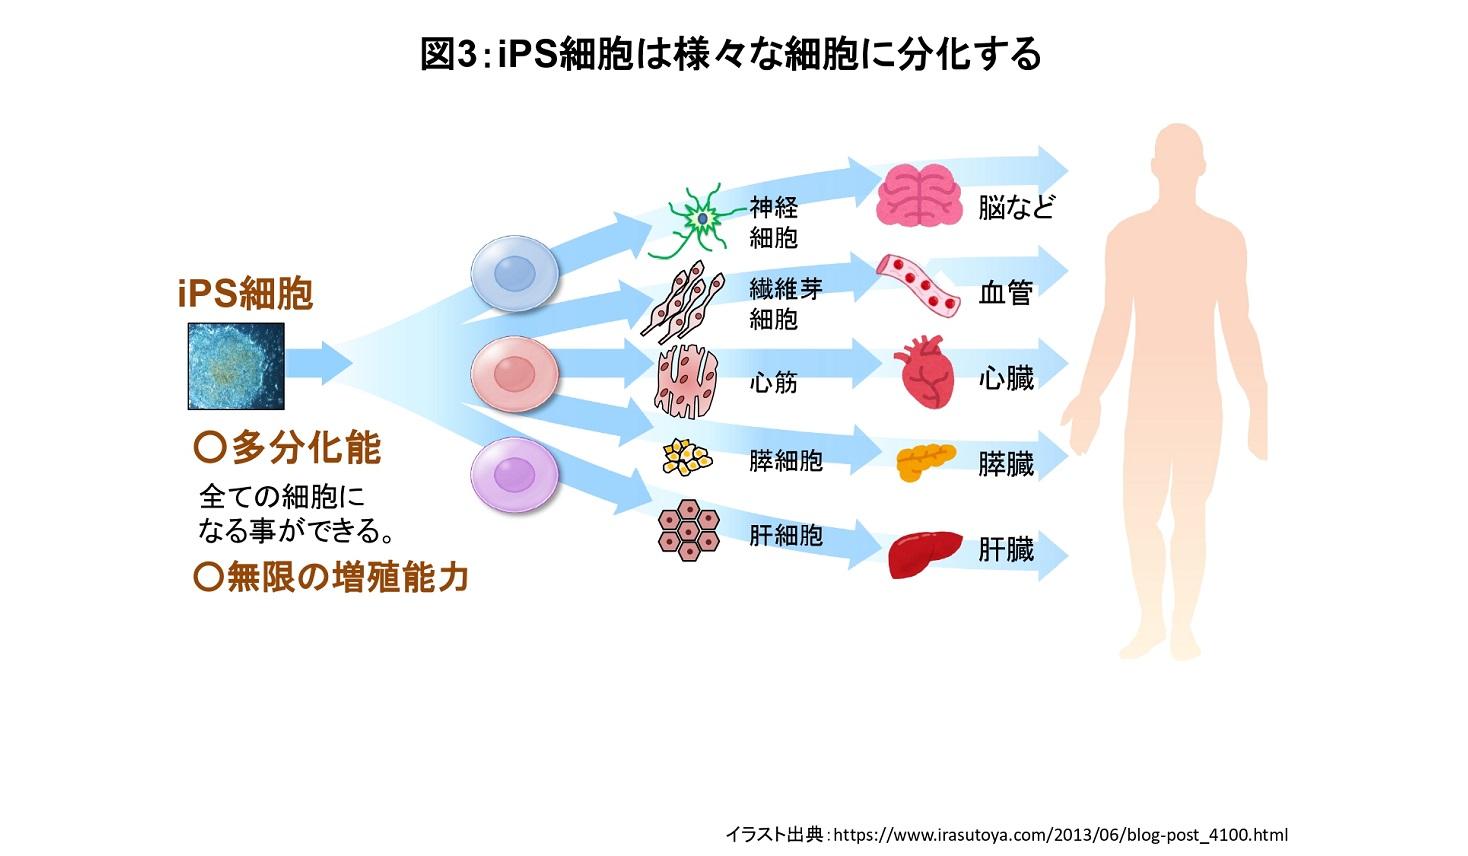 iPS細胞の分化について